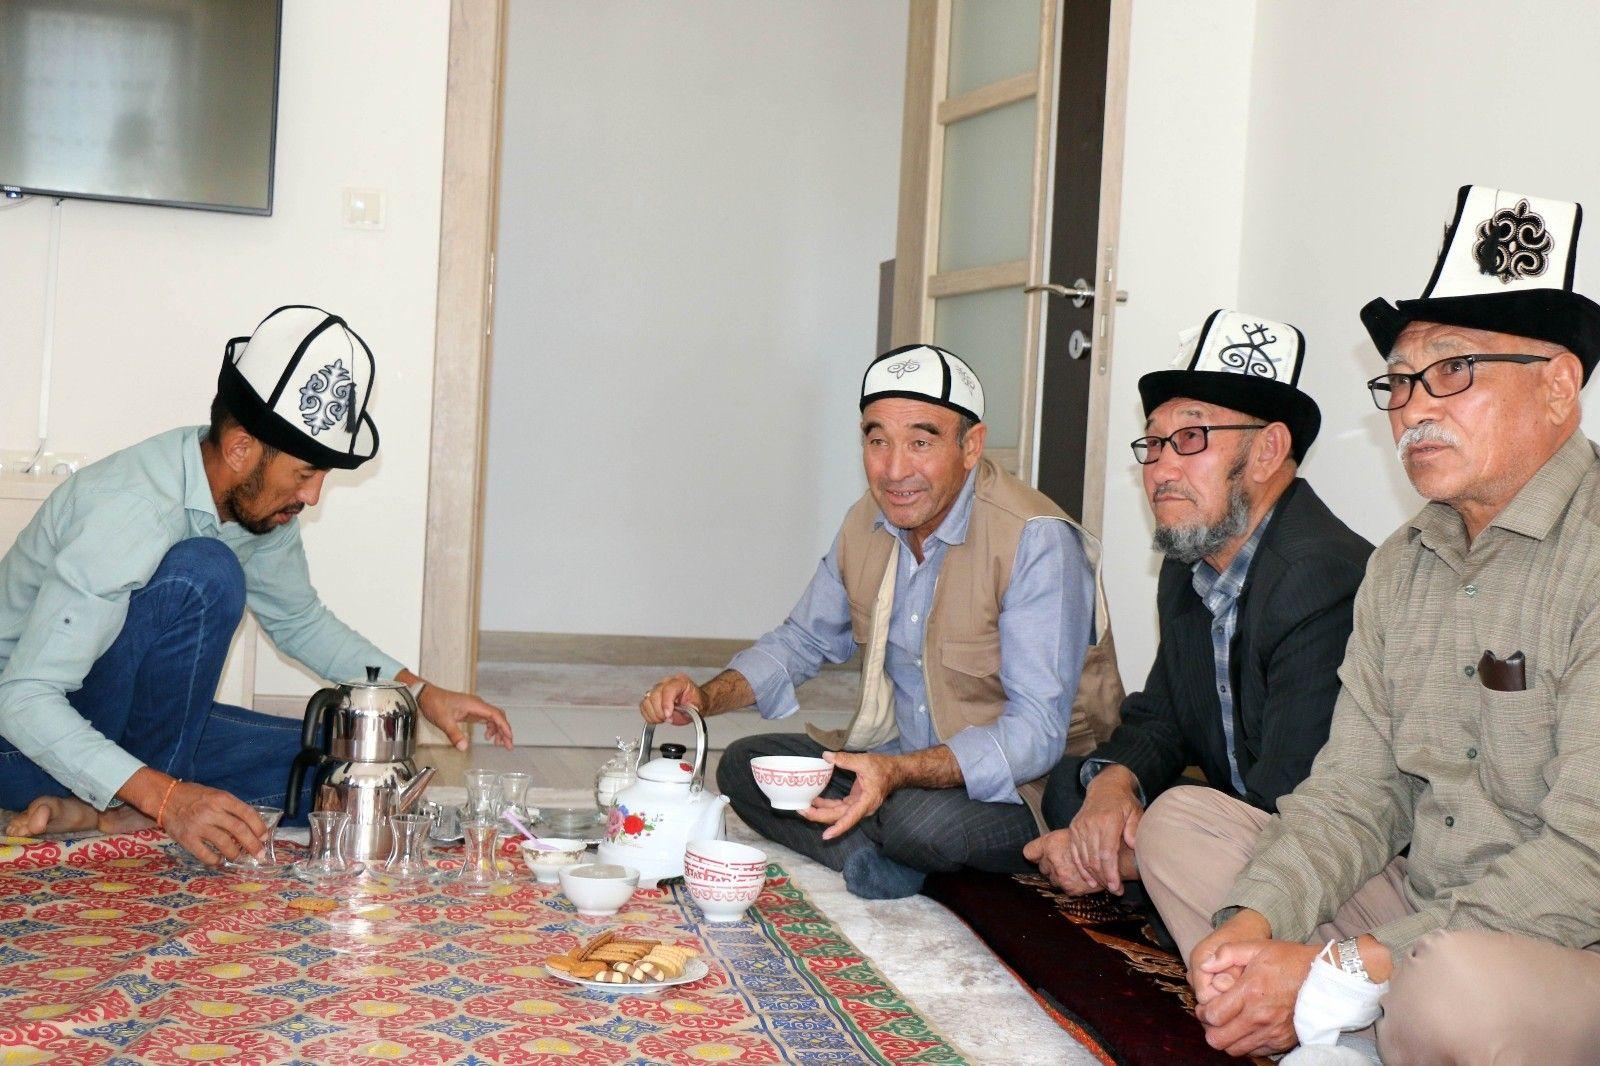 2021/09/kirgizlar-turkiyede-olmaktan-mutlu-20210919AW42-2.jpg